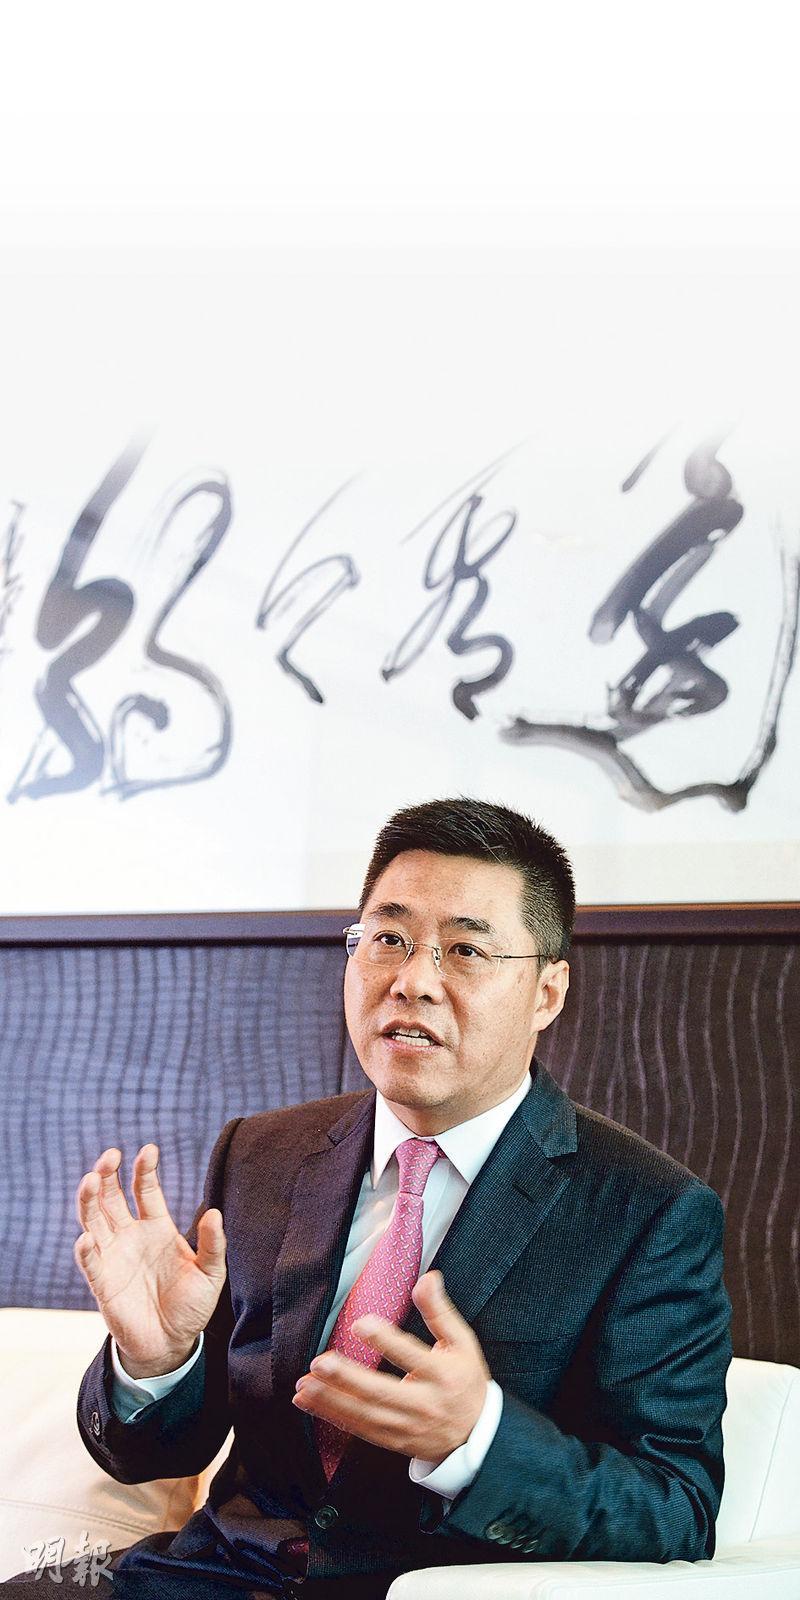 光大控股執行董事兼首席執行官陳爽表示,隨着人民幣國際化及中國企業「走出去」,大量內地資金流向海外,滬港通及QDII等雙向渠道有利香港的國際資產管理中心角色。(楊柏賢攝)